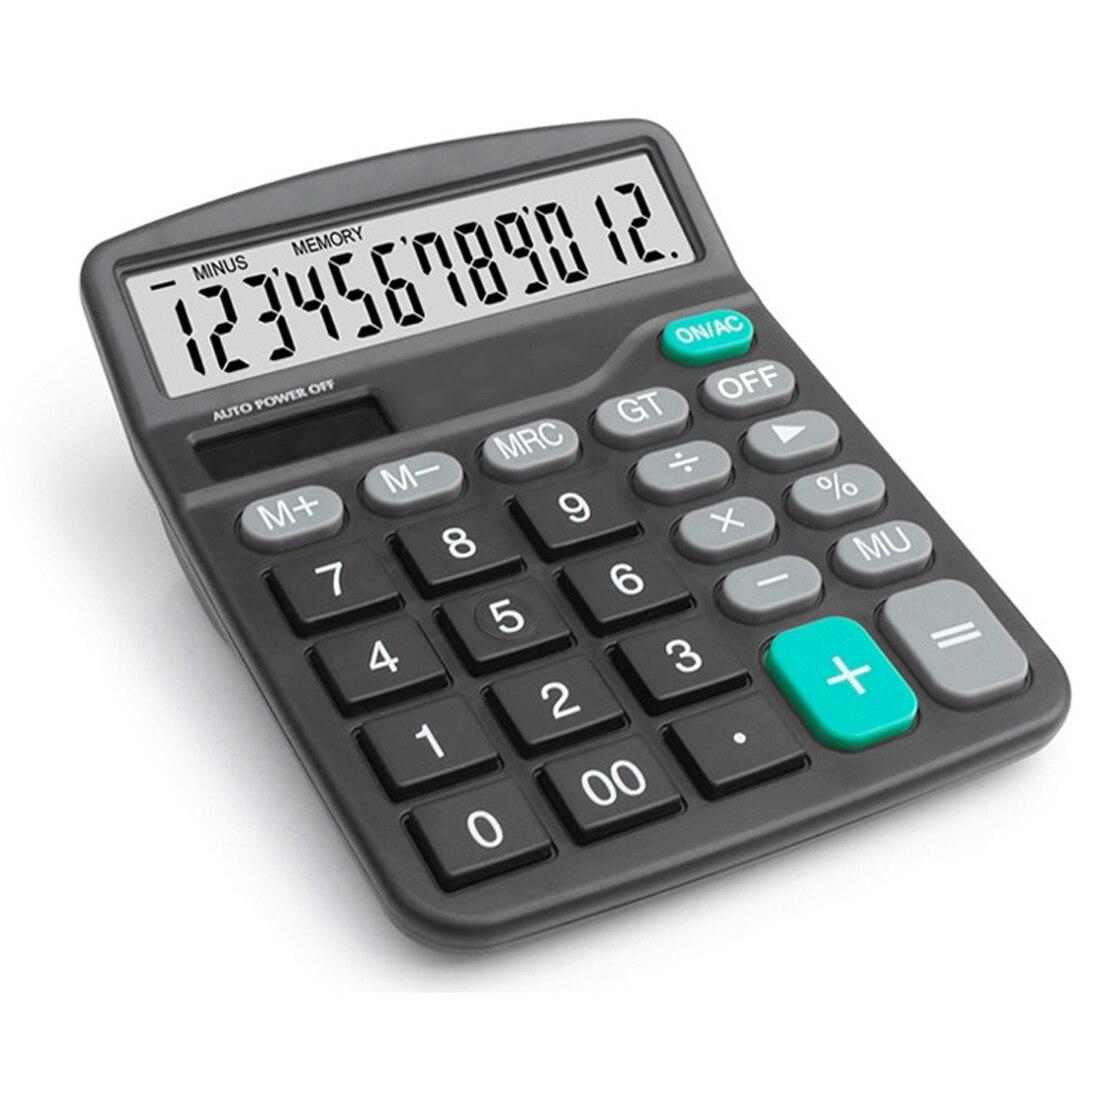 Calculadora Solar NOYOKERE calcular batería de herramienta comercial o Solar 2in1 alimentado 12 dígitos calculadora y botón electrónico